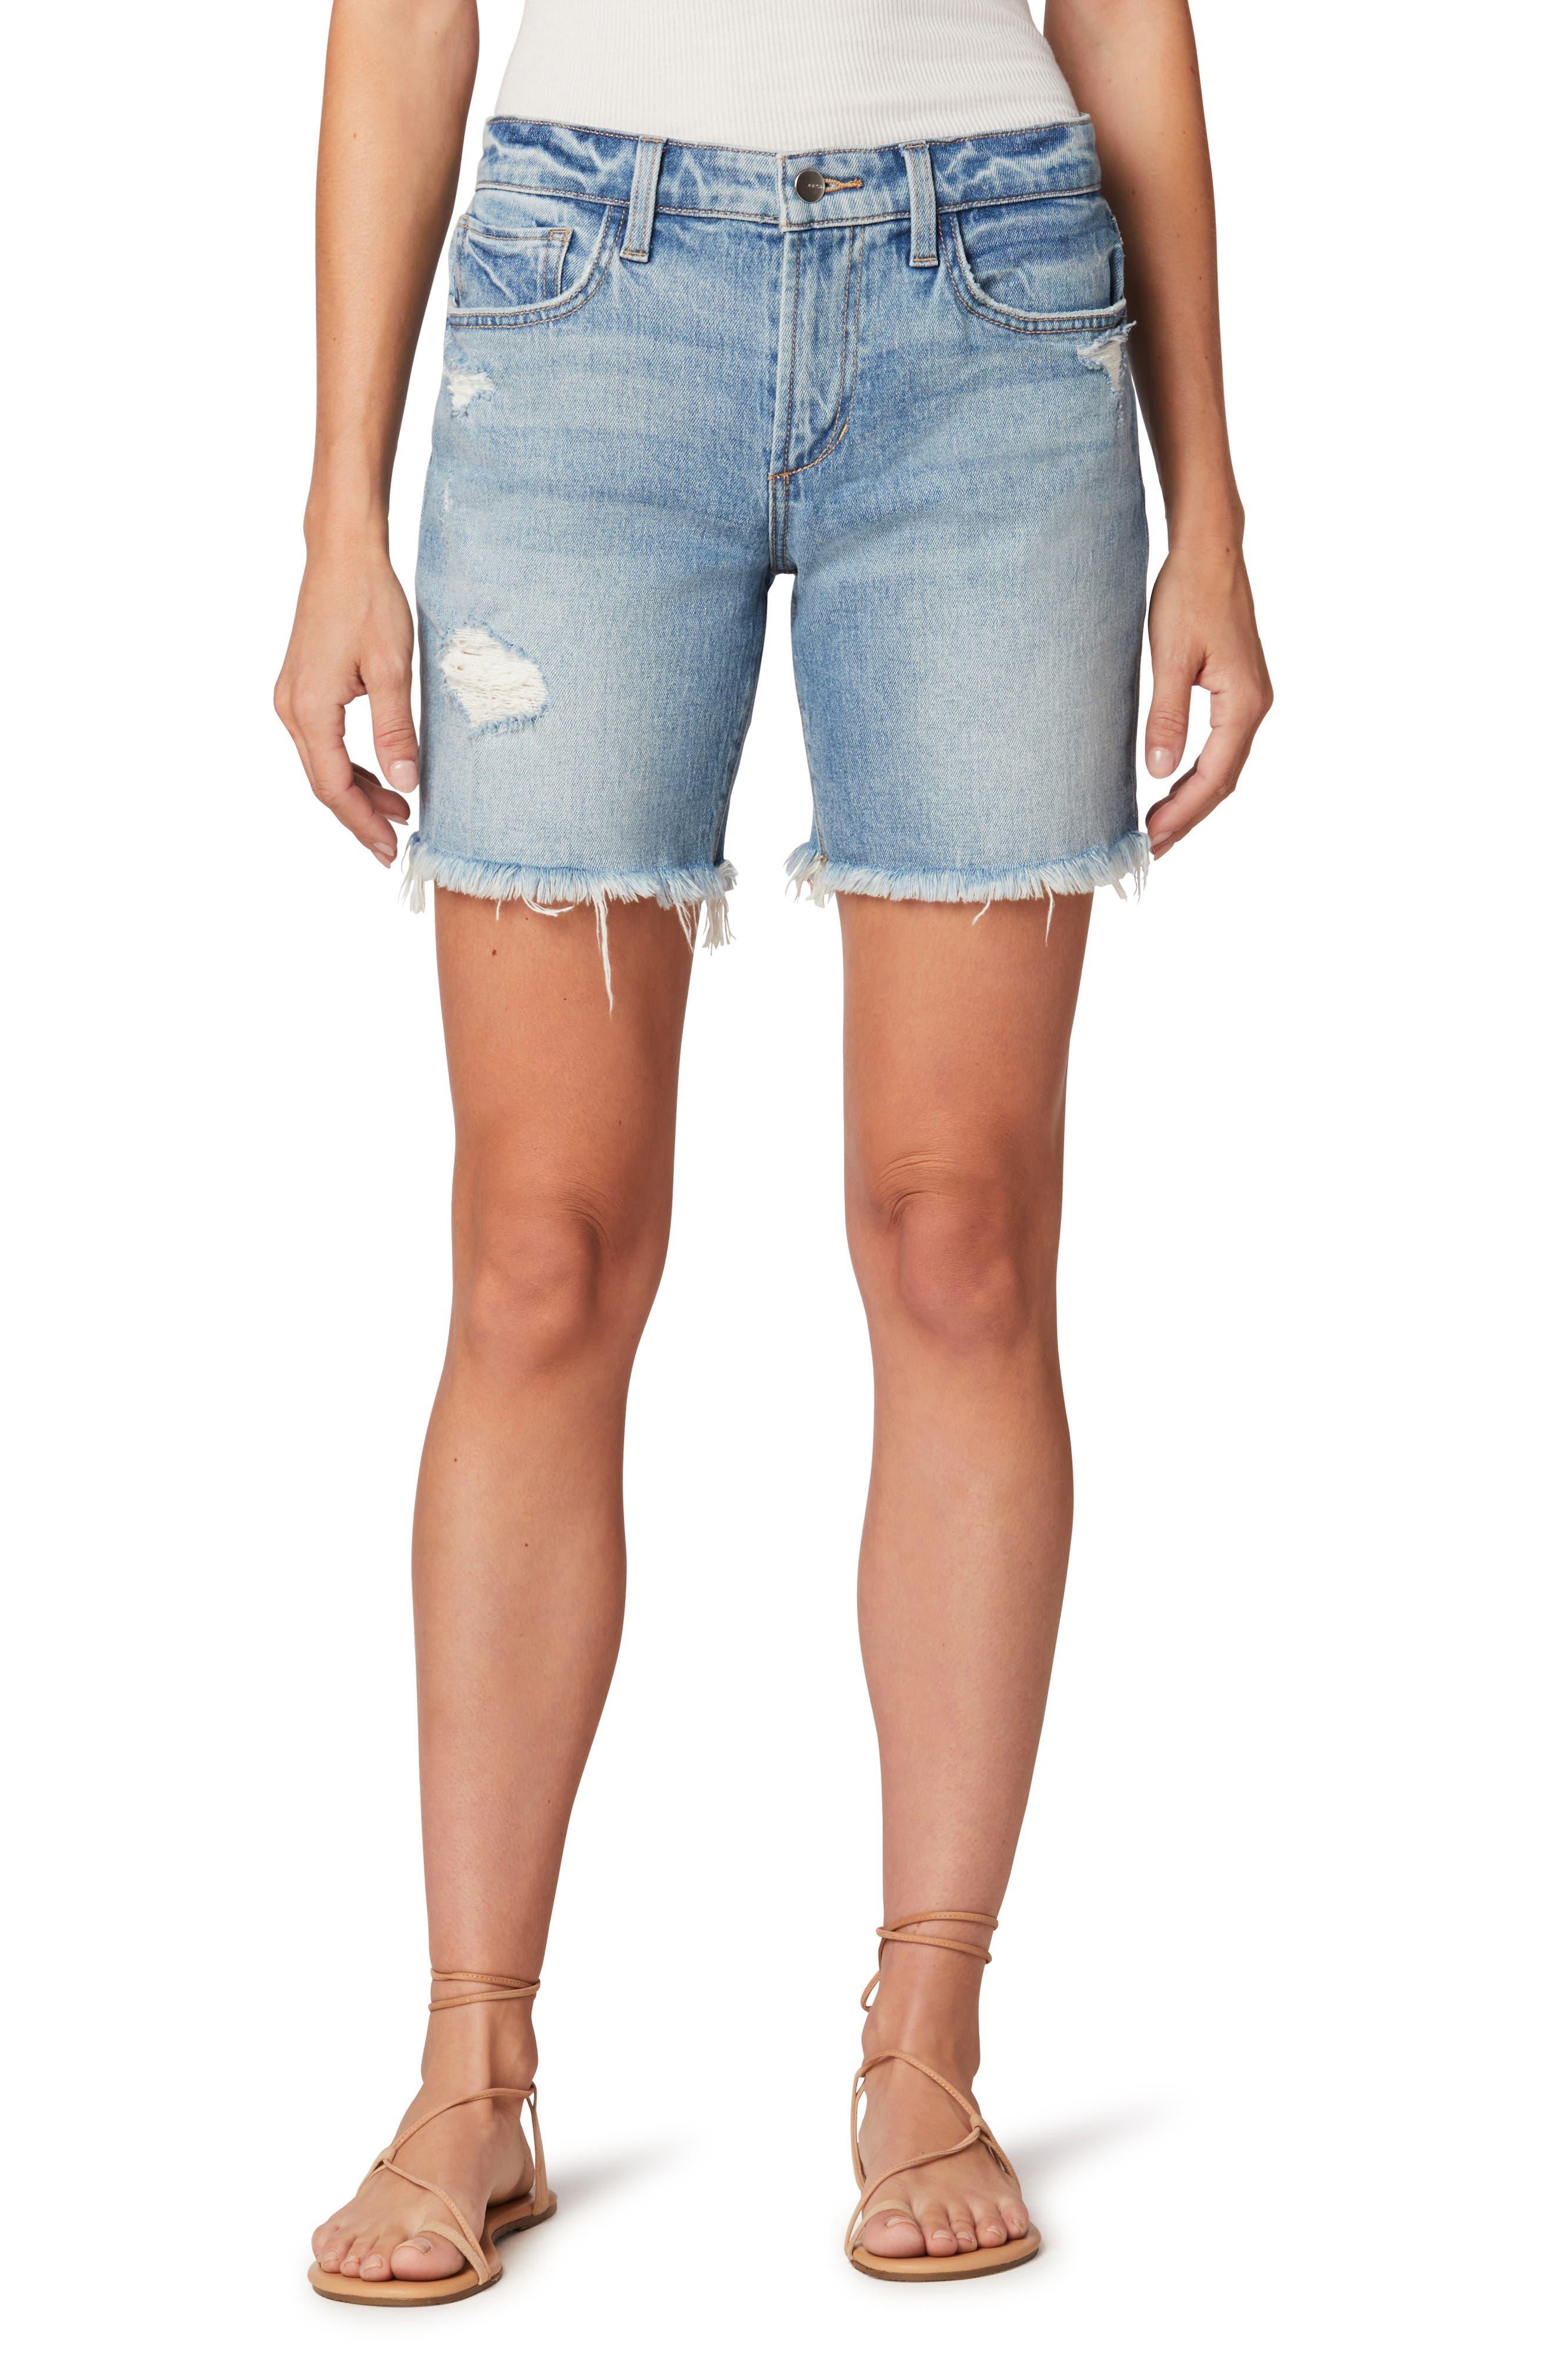 The Lara Ripped Denim Bermuda Shorts